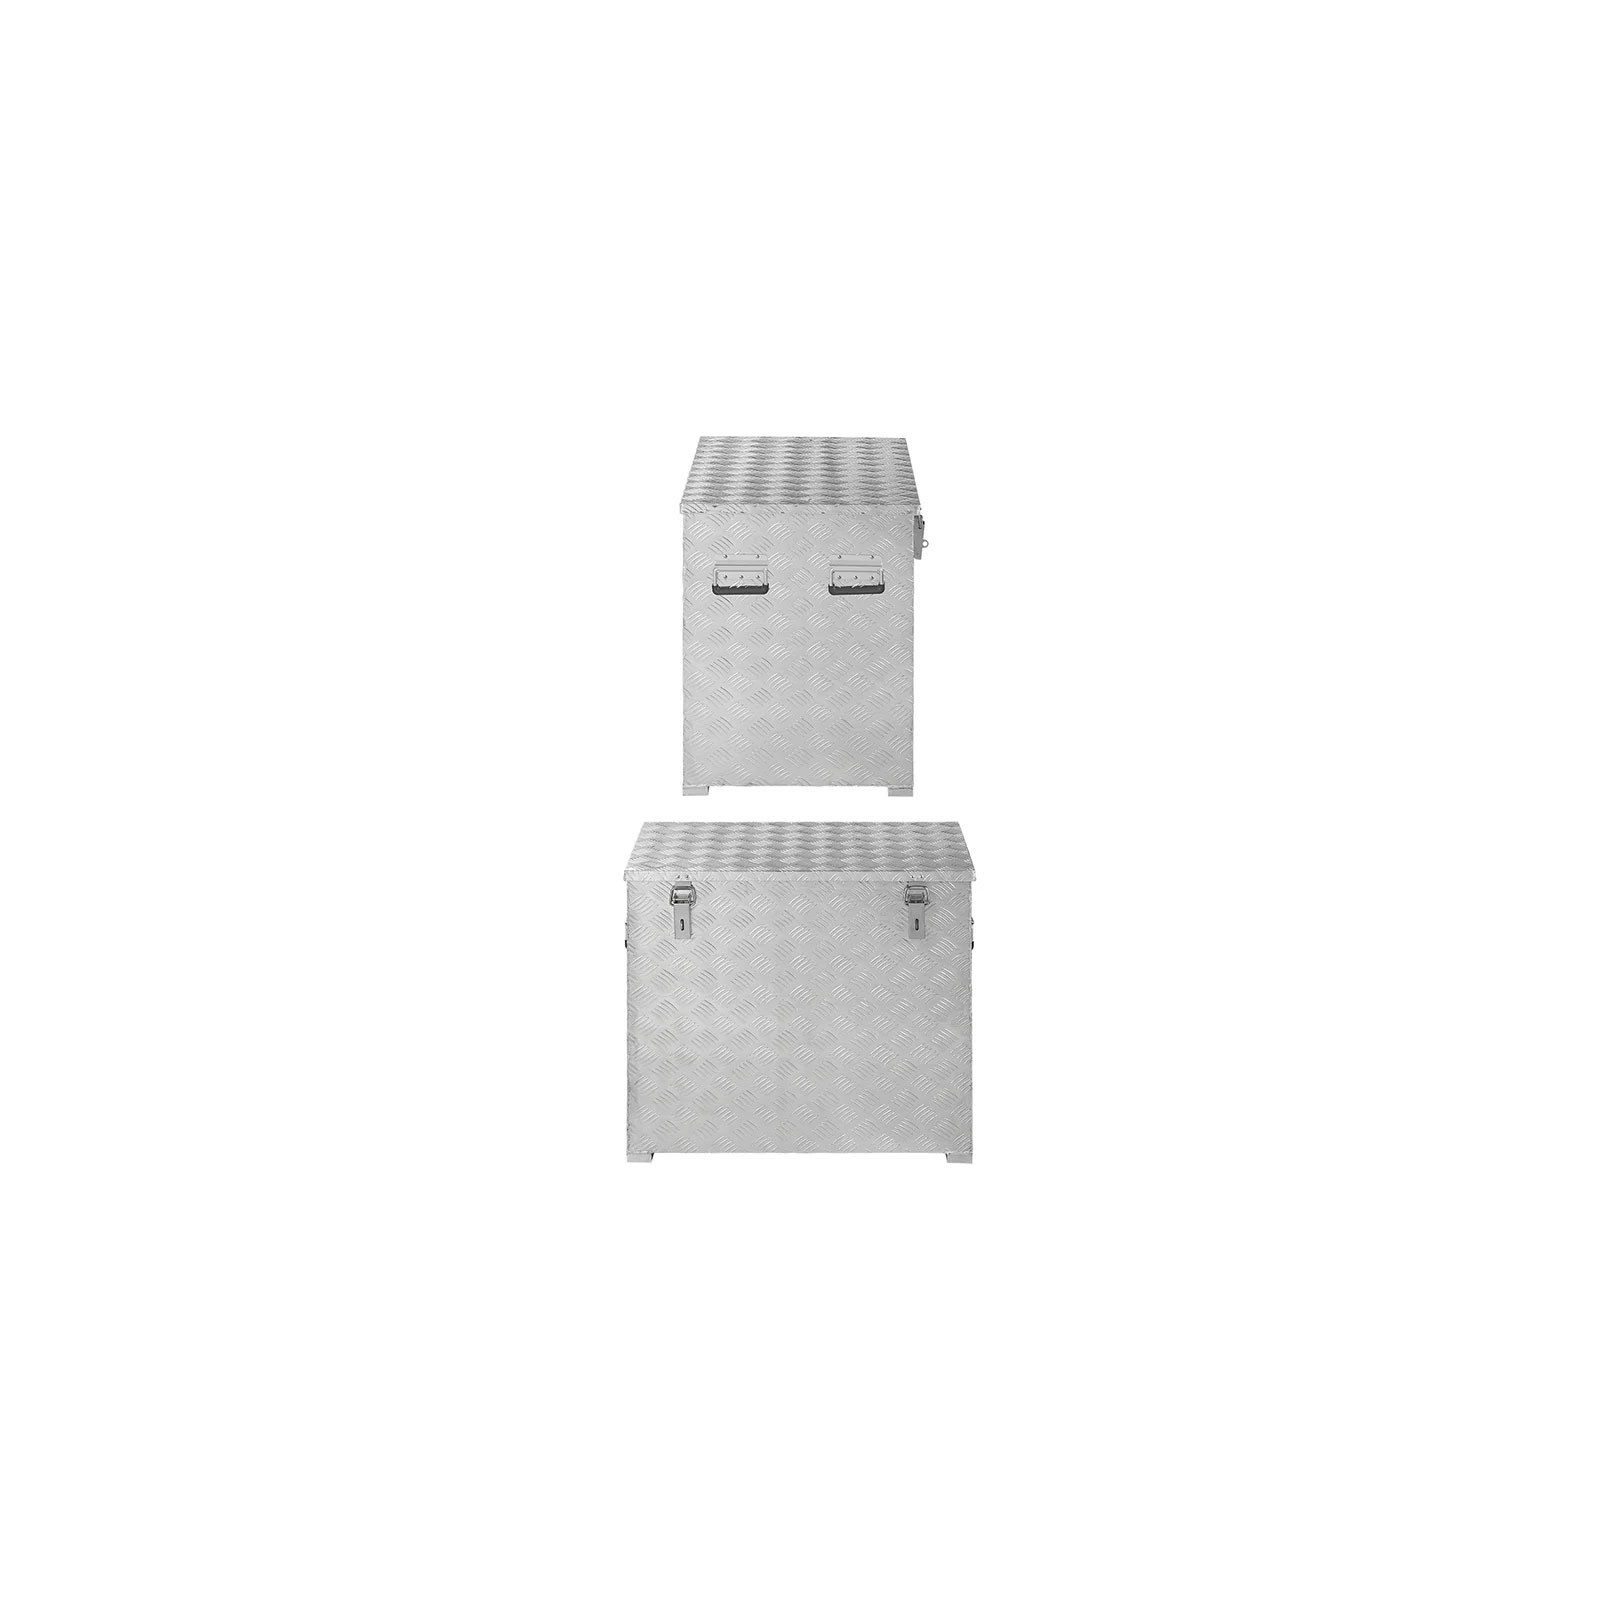 Aufbewahrungsbox Aluminium 772 x 525 x H645 mm